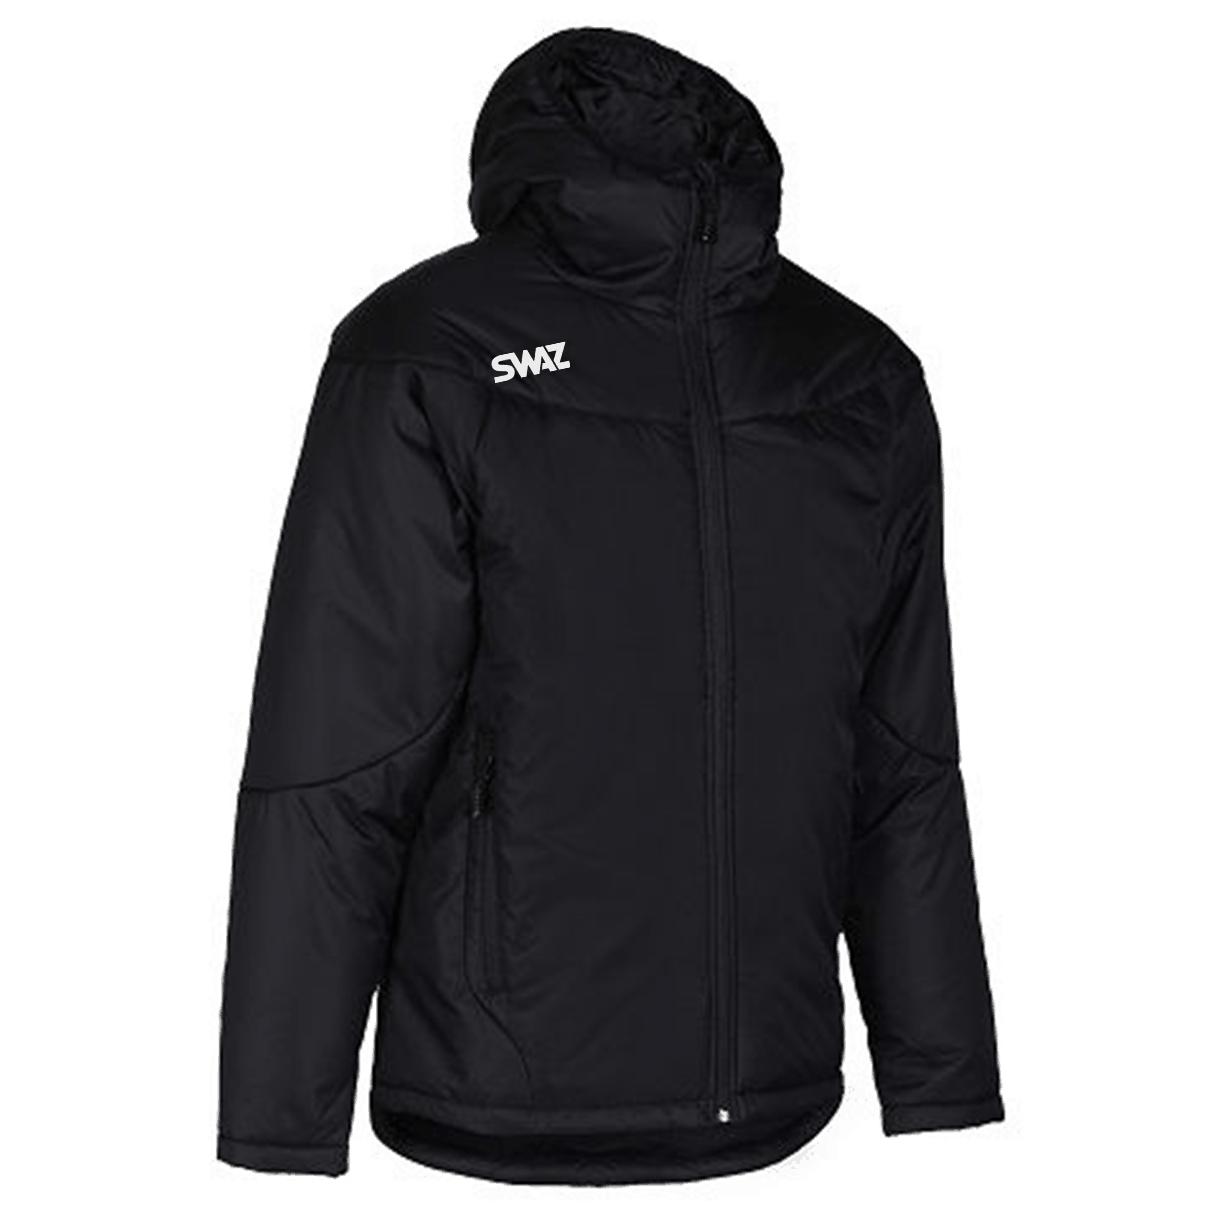 Manager's Jacket | SWAZ Teamwear